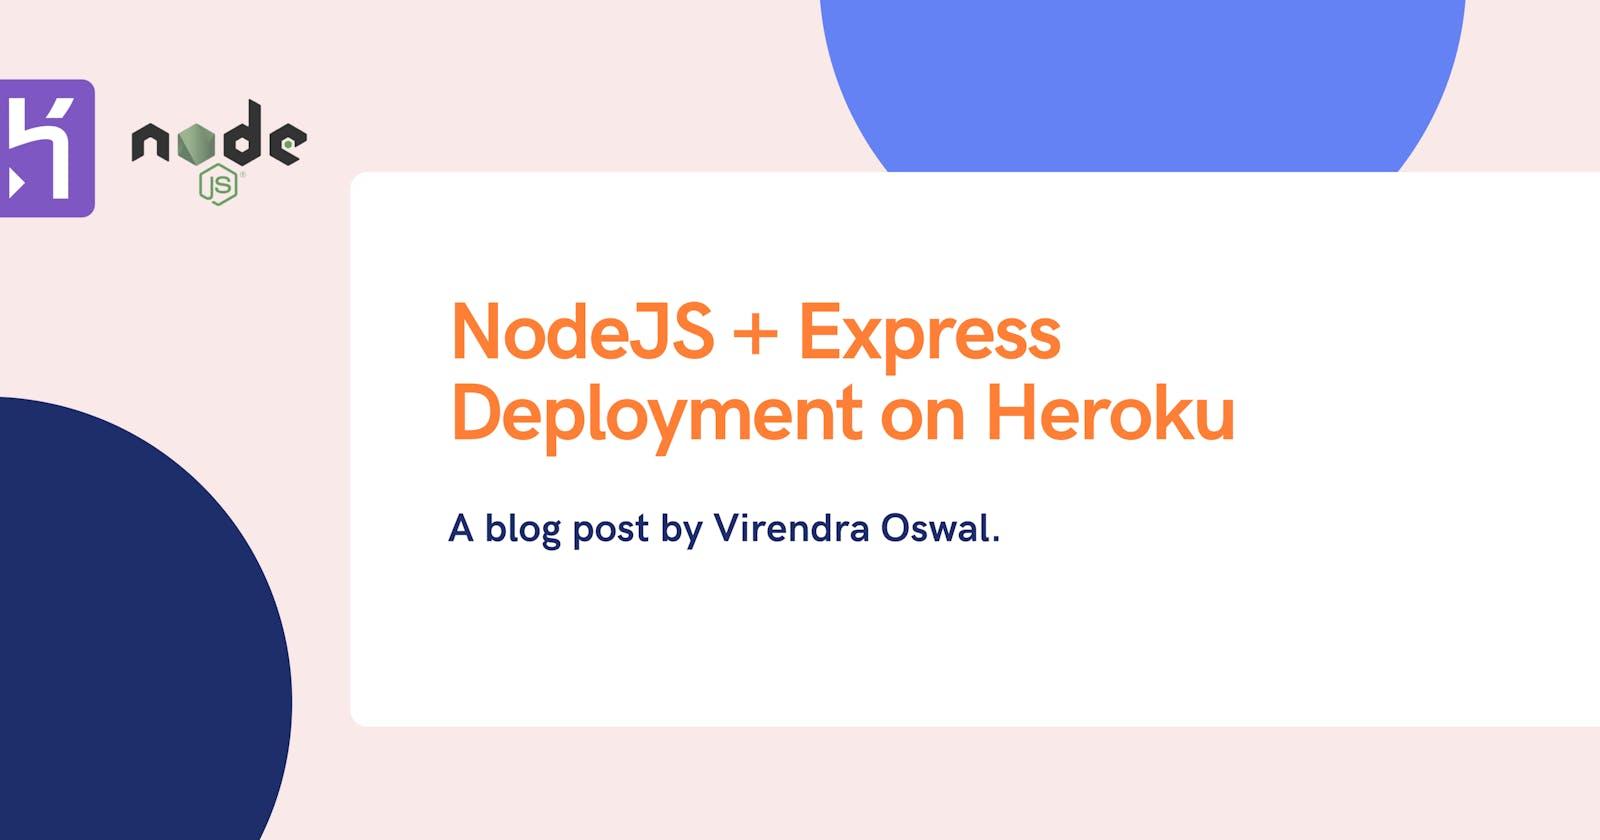 NodeJS + Express deployment on Heroku